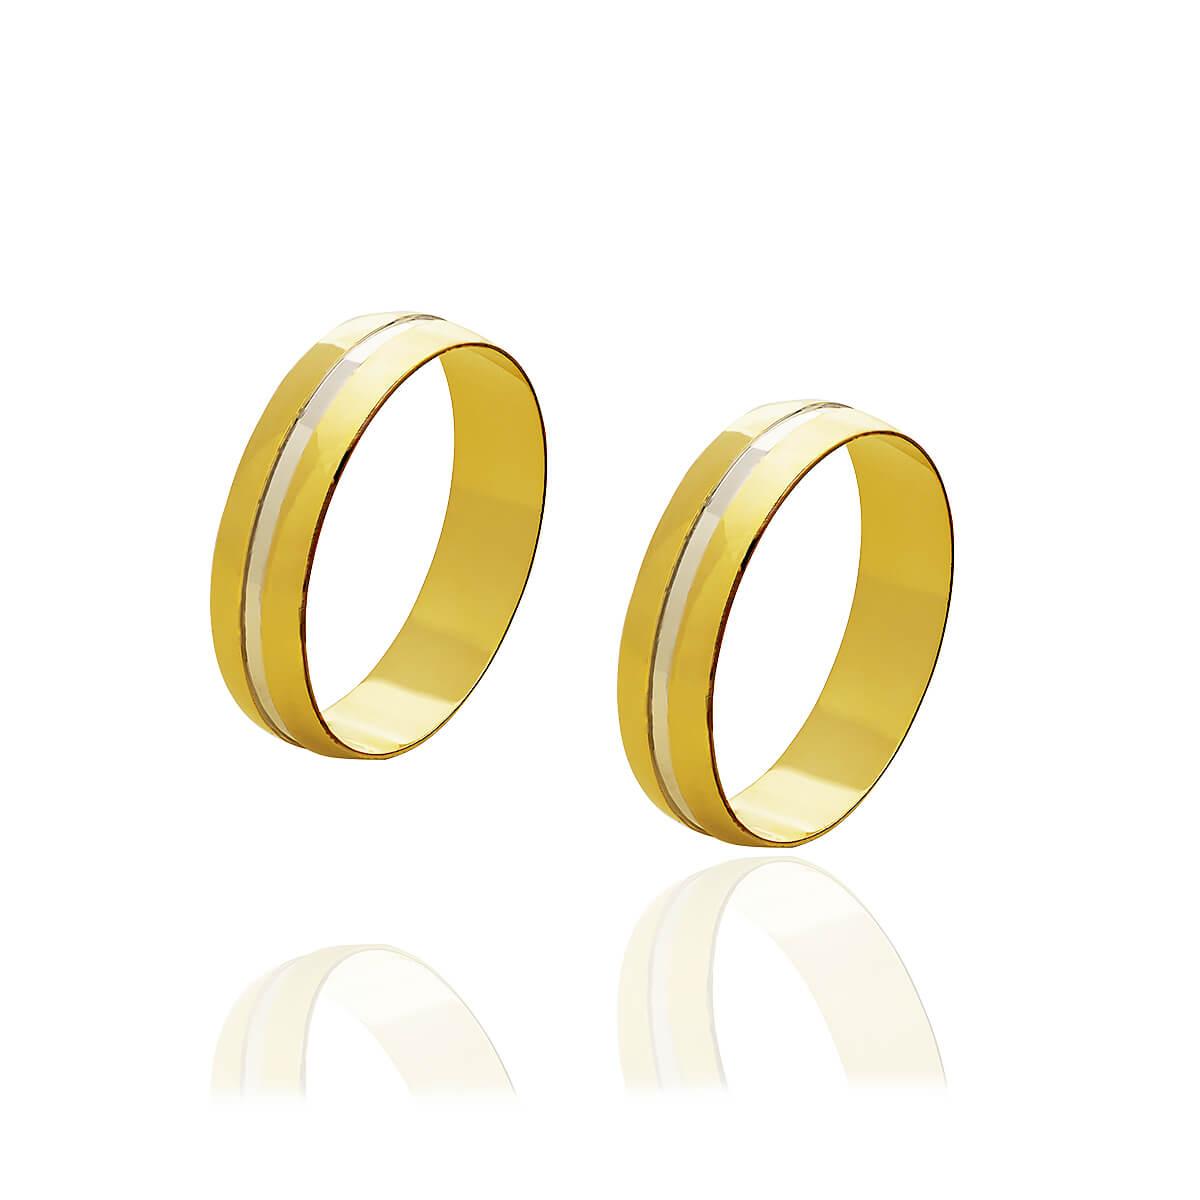 Par de Alianças de Ouro com friso em Ouro branco 5mm  e 6 g